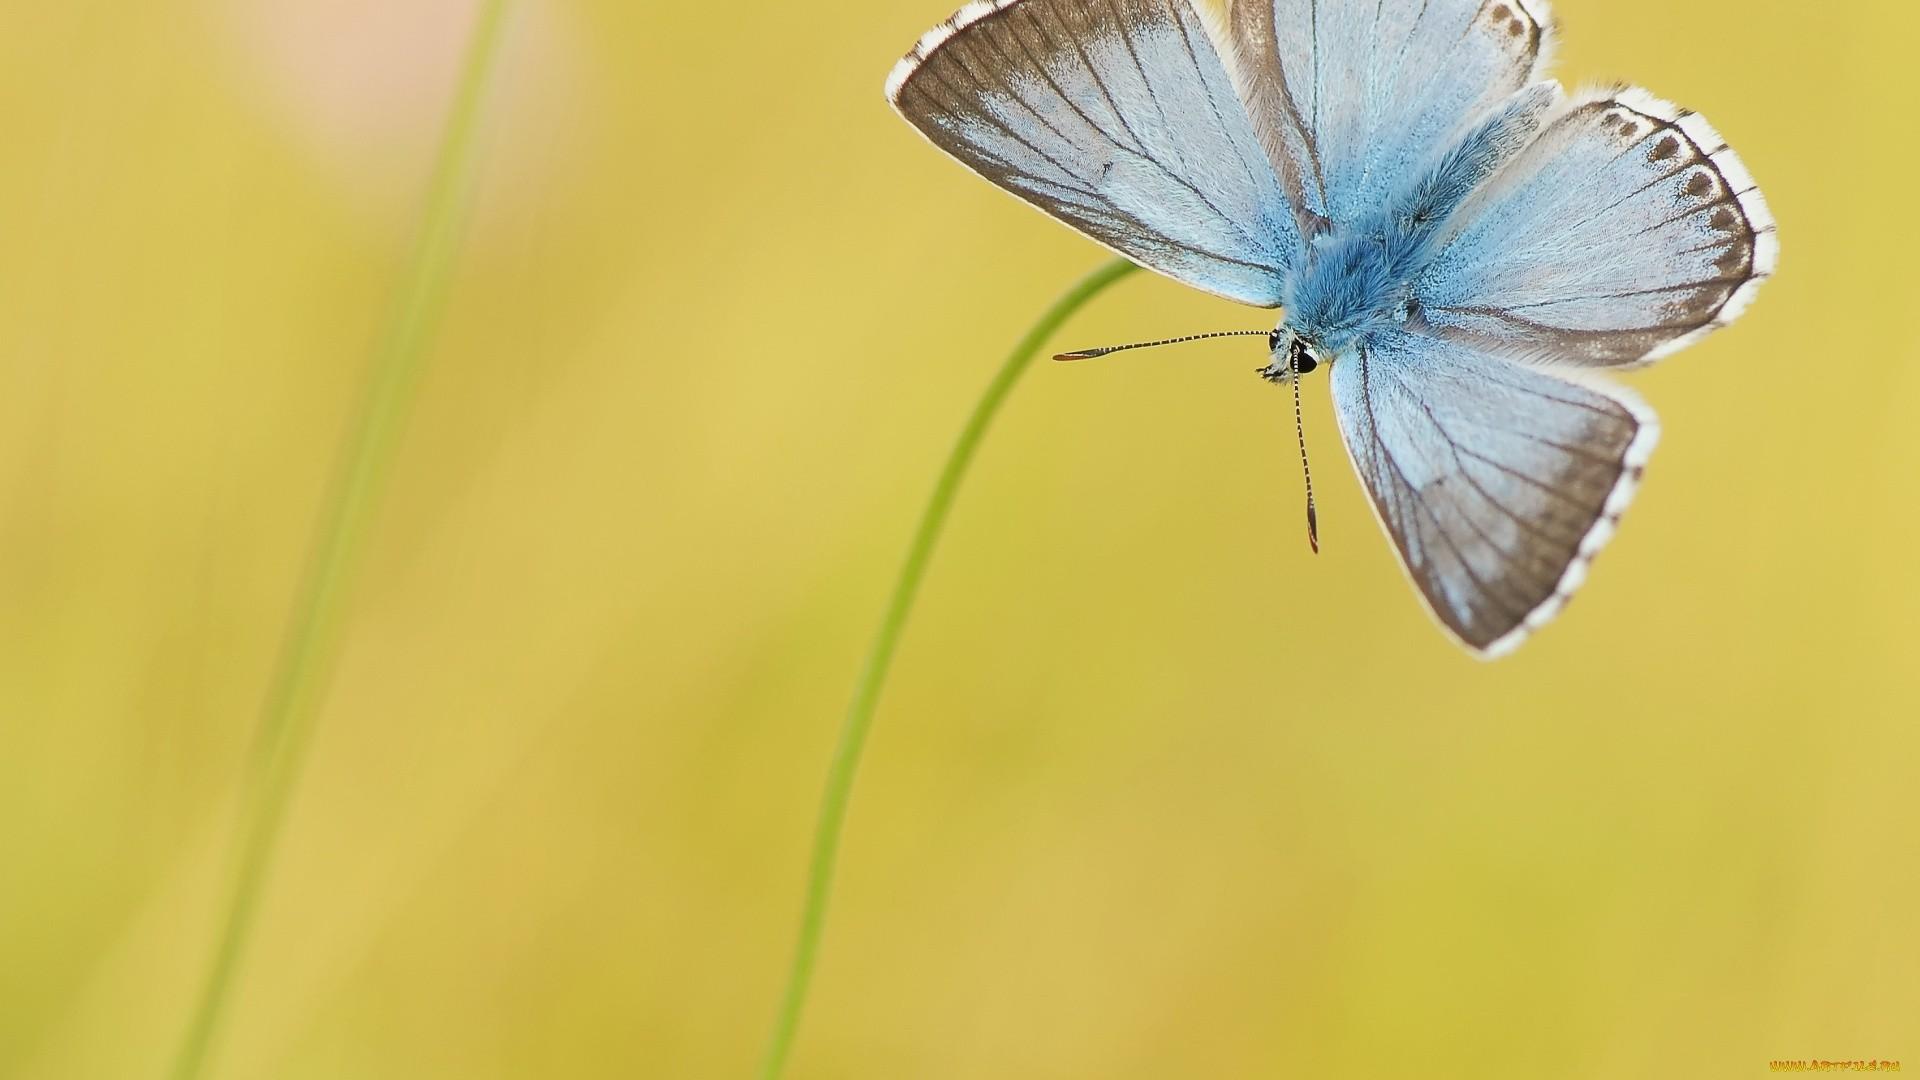 Blue Butterfly wallpaper image hd